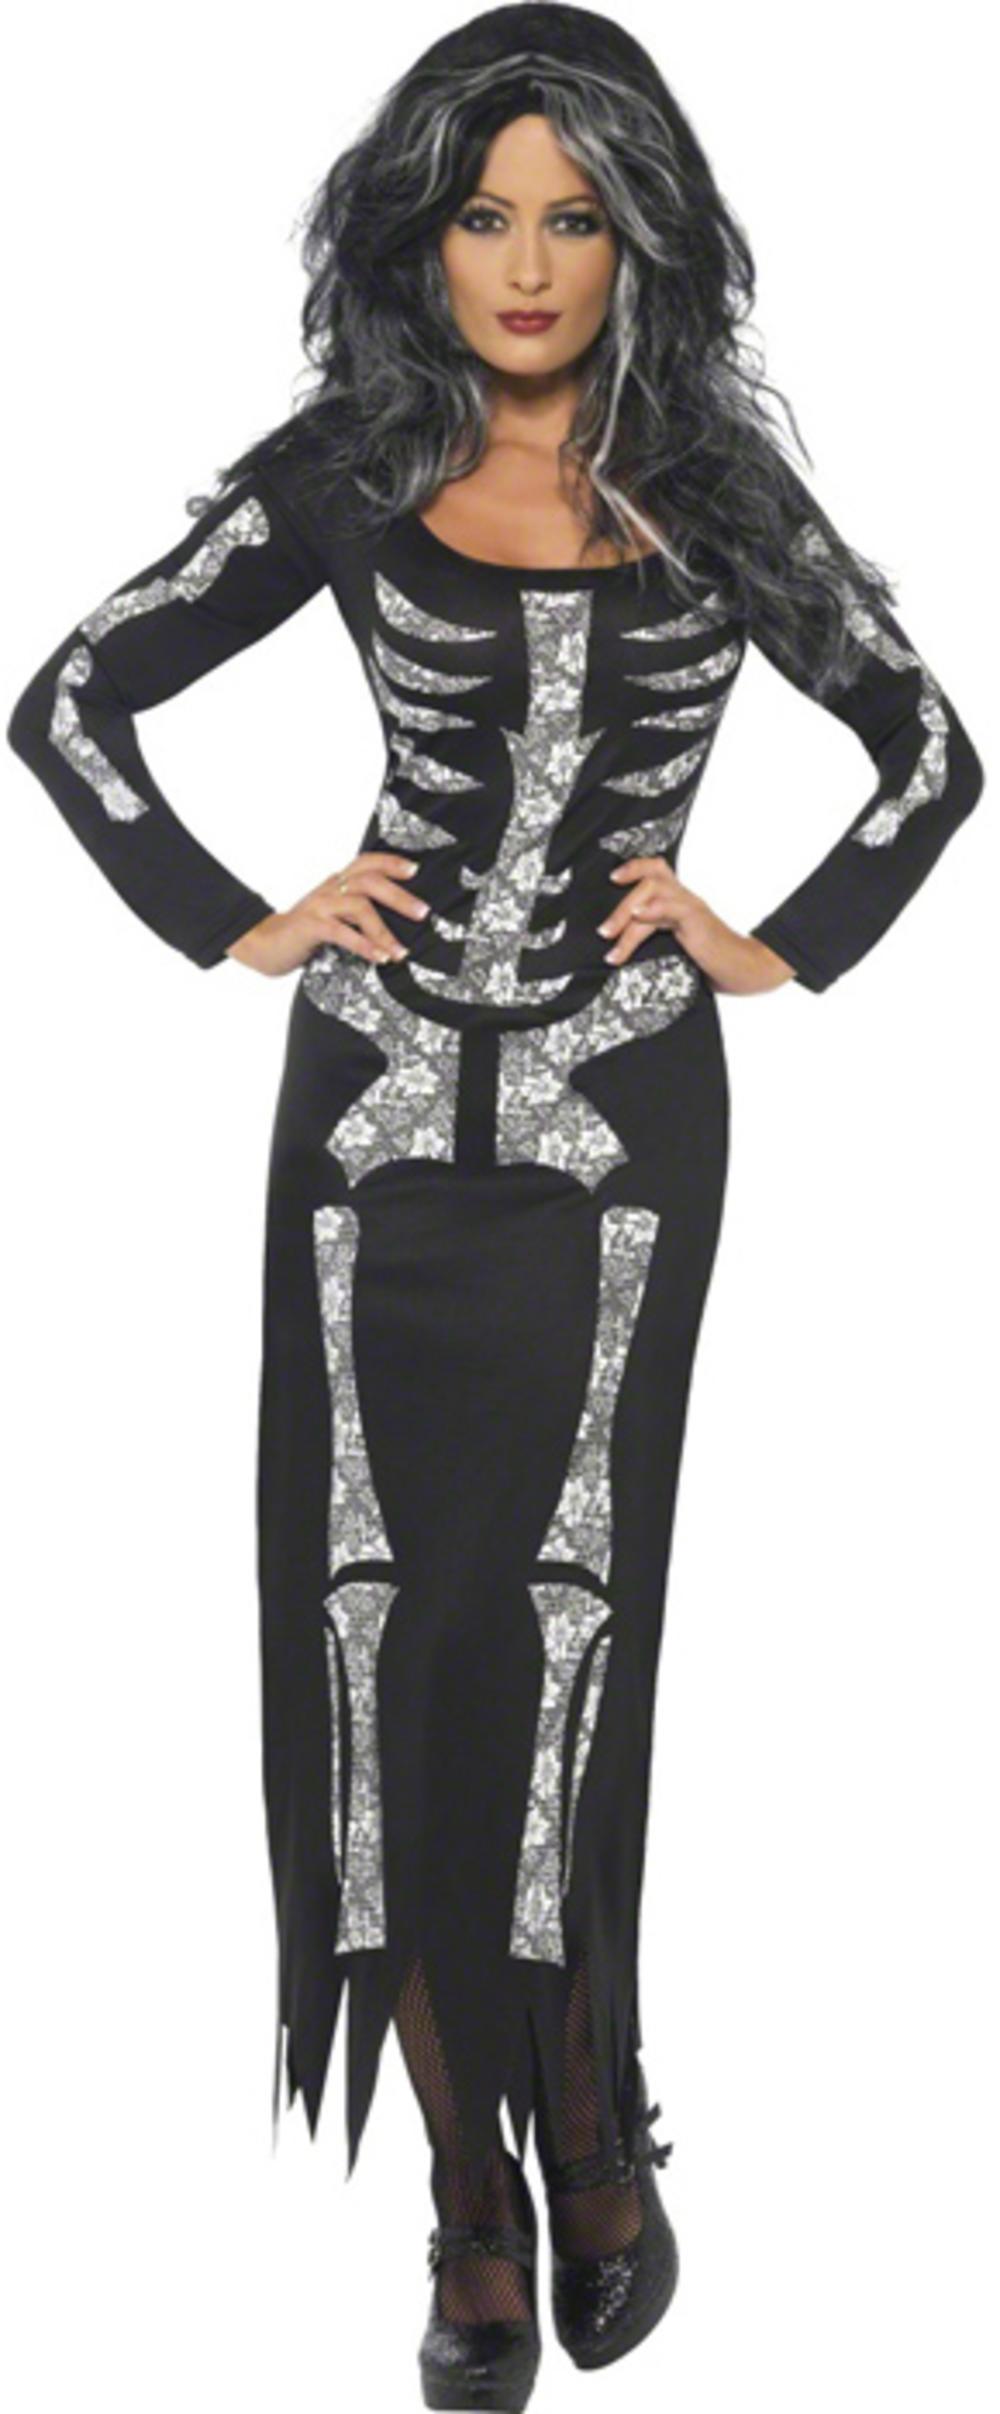 Skeleton Tube Dress Costume